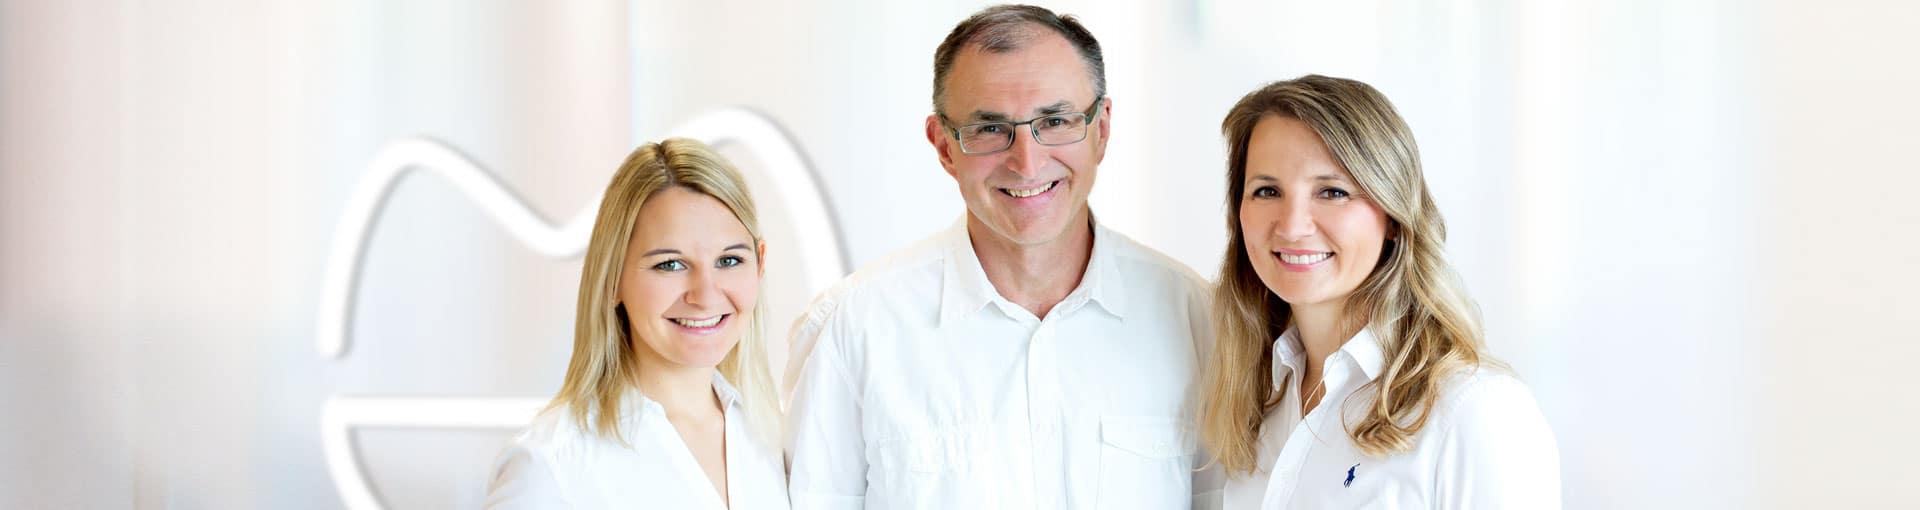 Headerbild mit Dr. Hoh, Dr. Fries und Dr. Lorenz der Zahnarztpraxis medicodent in Idstein